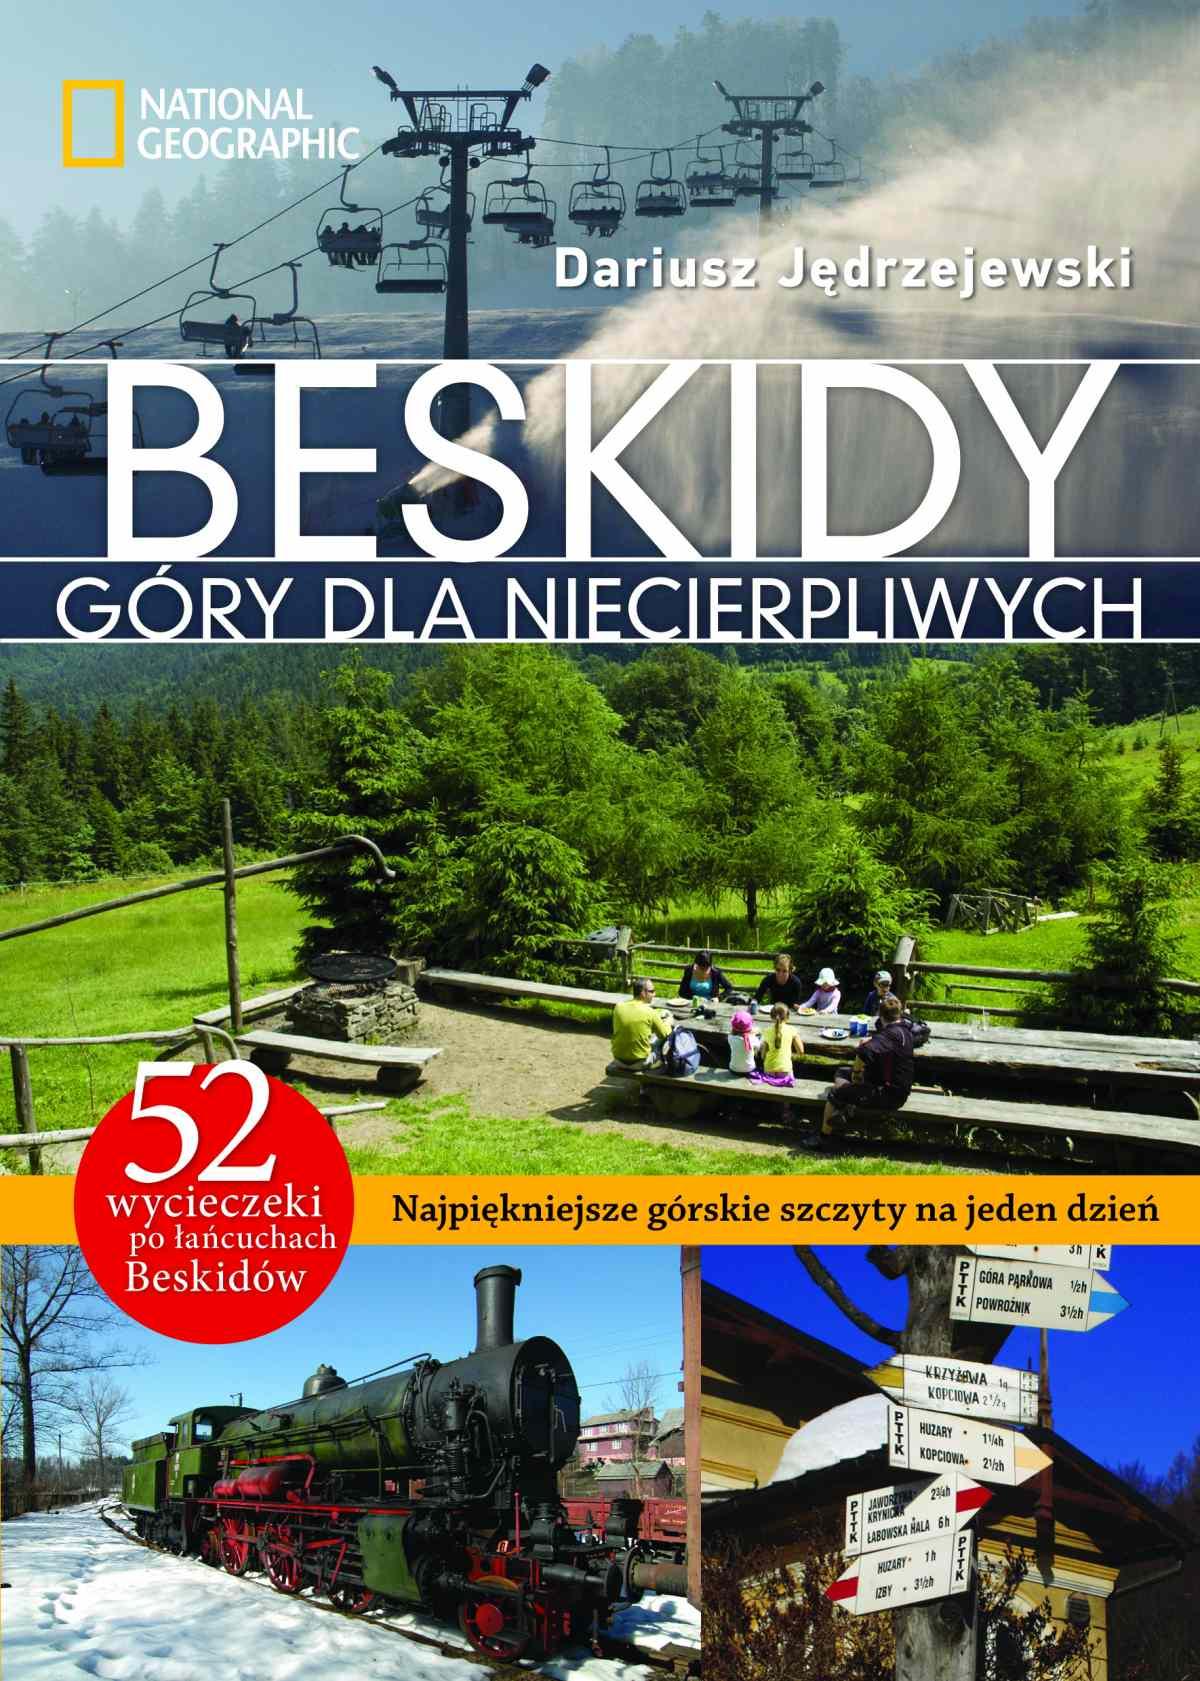 Beskidy. Góry dla niecierpliwych - Ebook (Książka na Kindle) do pobrania w formacie MOBI